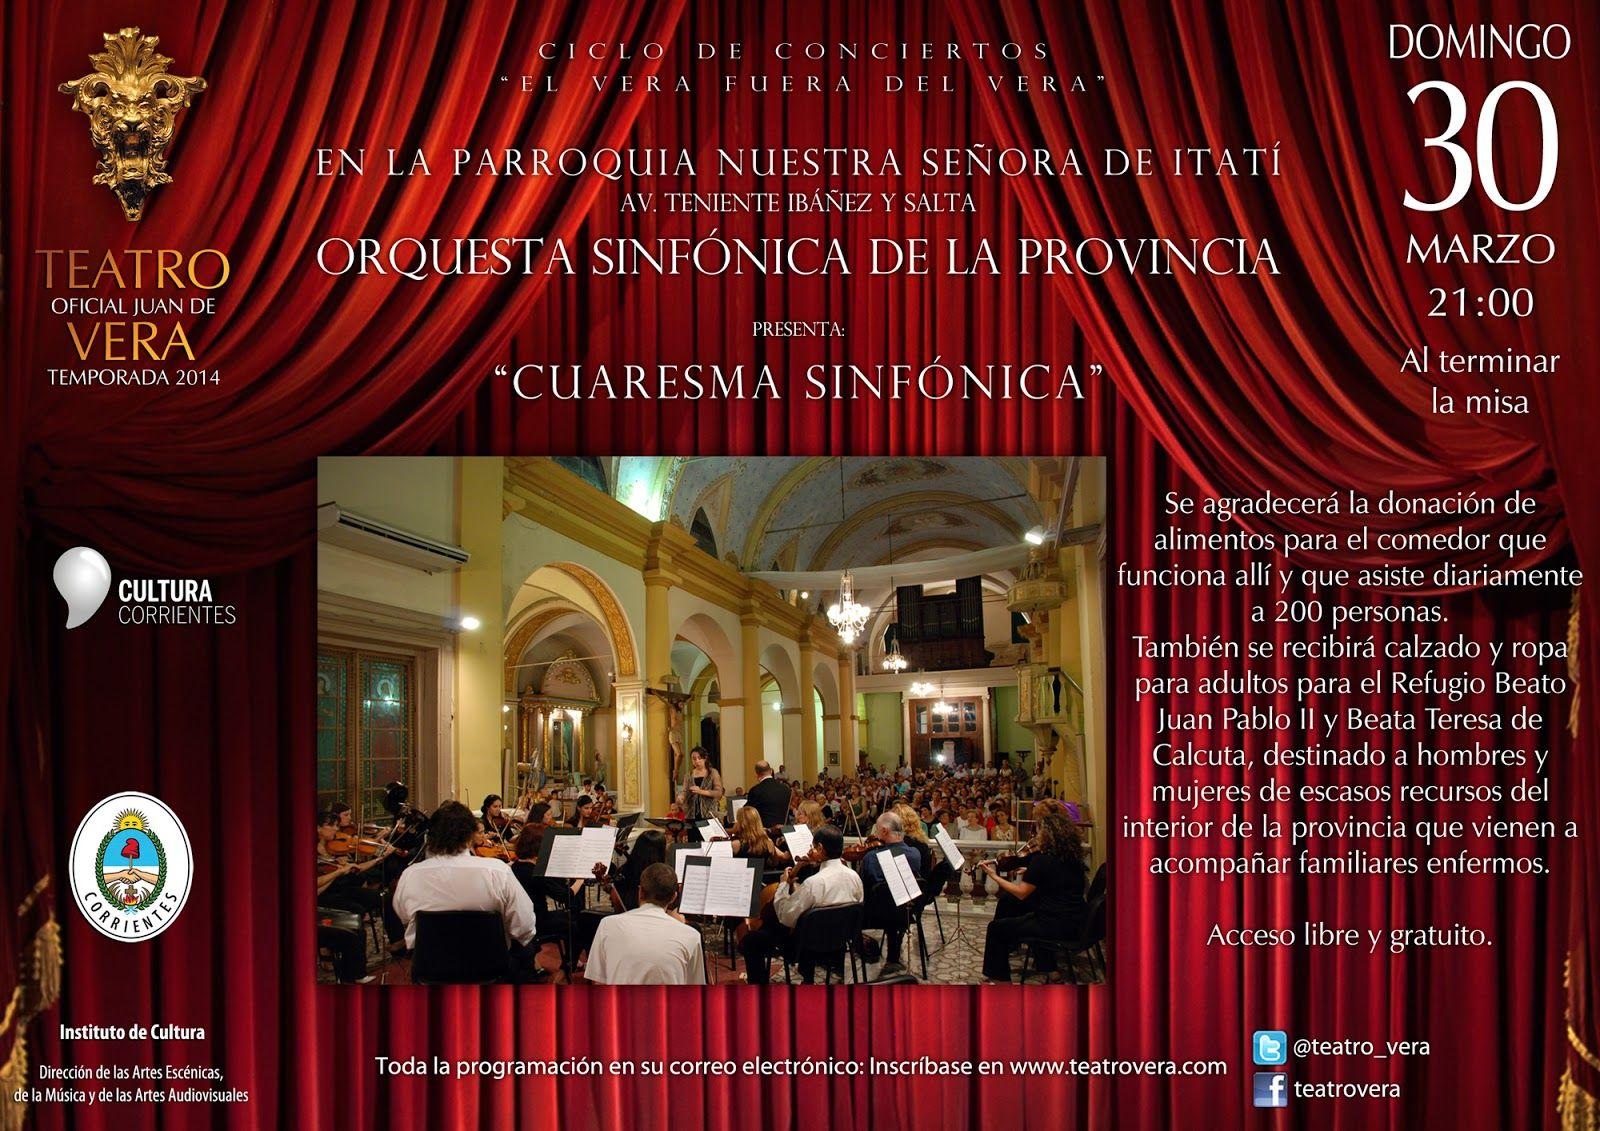 """""""CUARESMA SINFÓNICA"""": Concierto solidario de la Sinfónica en la Parroquia Virgen de Itatí #VamosParaAdelante"""